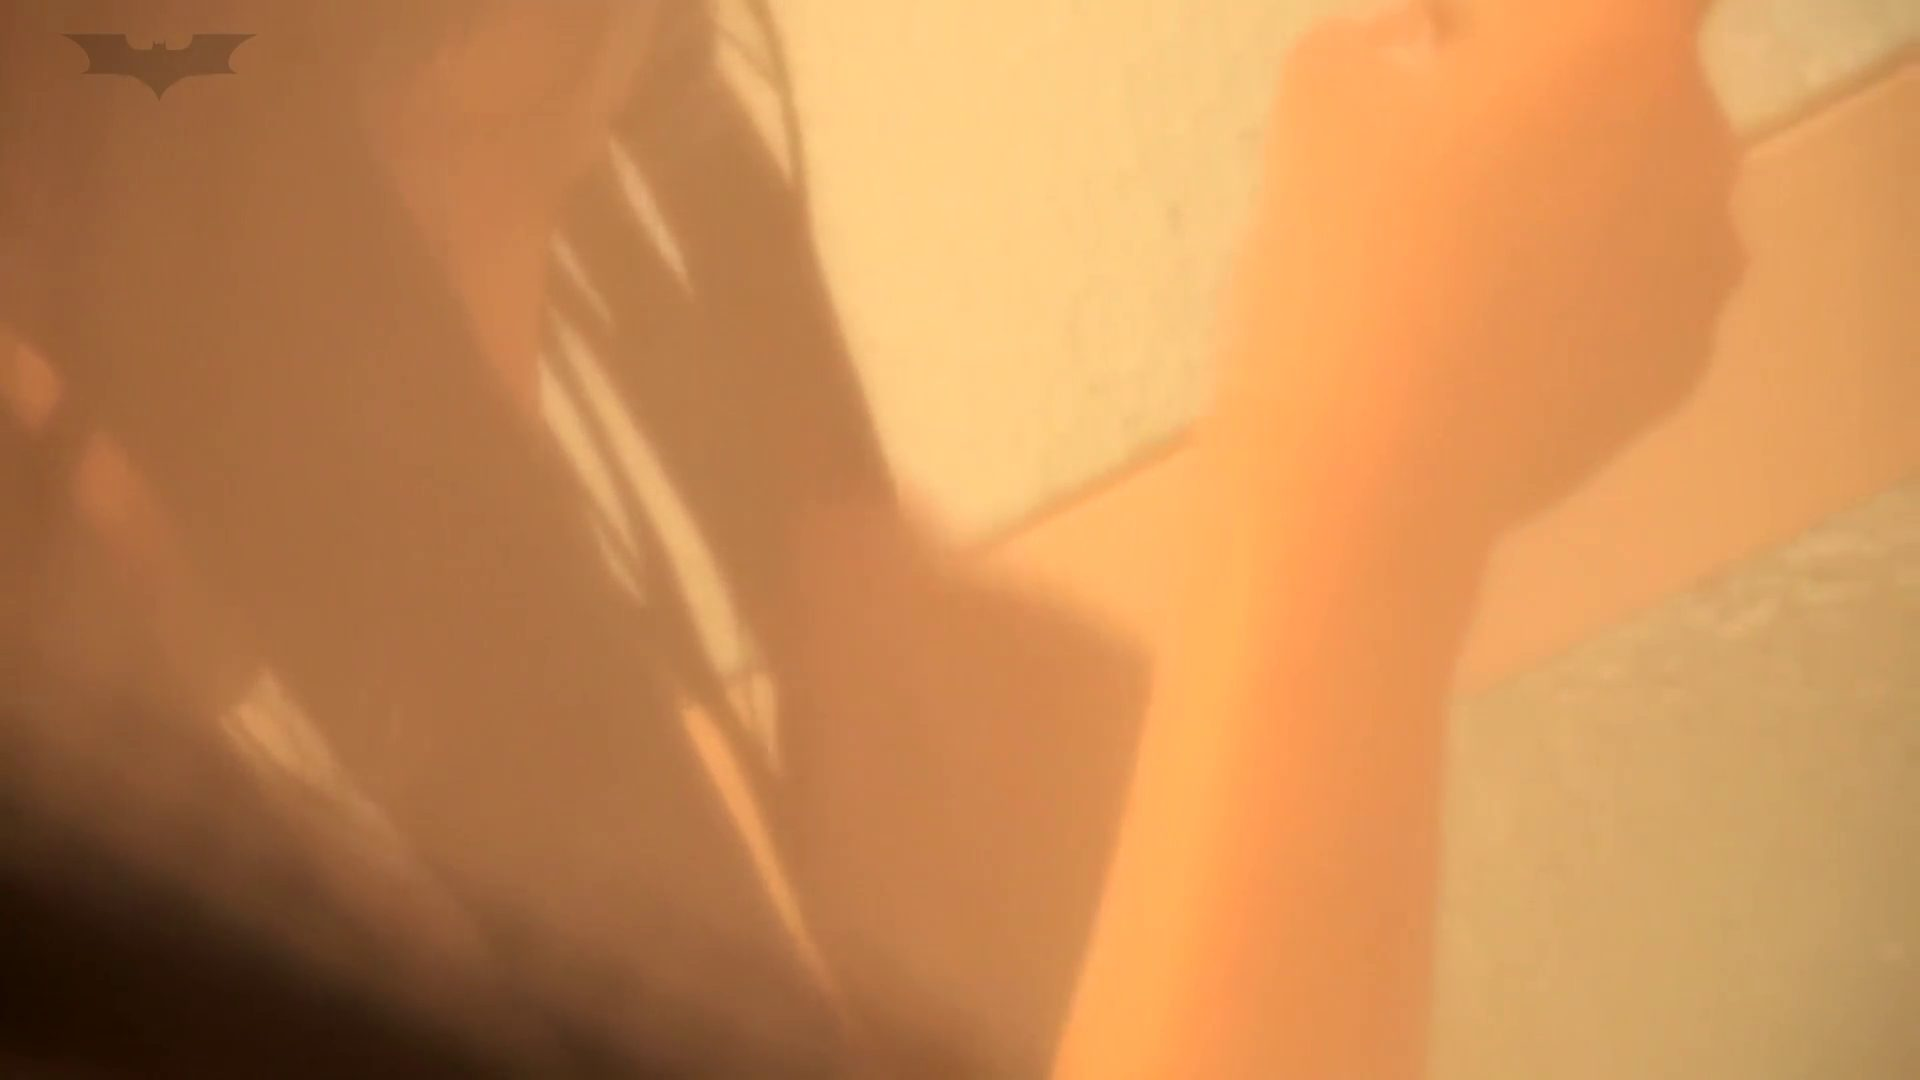 *華の女子寮ノゾキ* vol.03 こないだまでJKだった黒髪炉利っ子。 OLのボディ   女子寮  90PIX 7